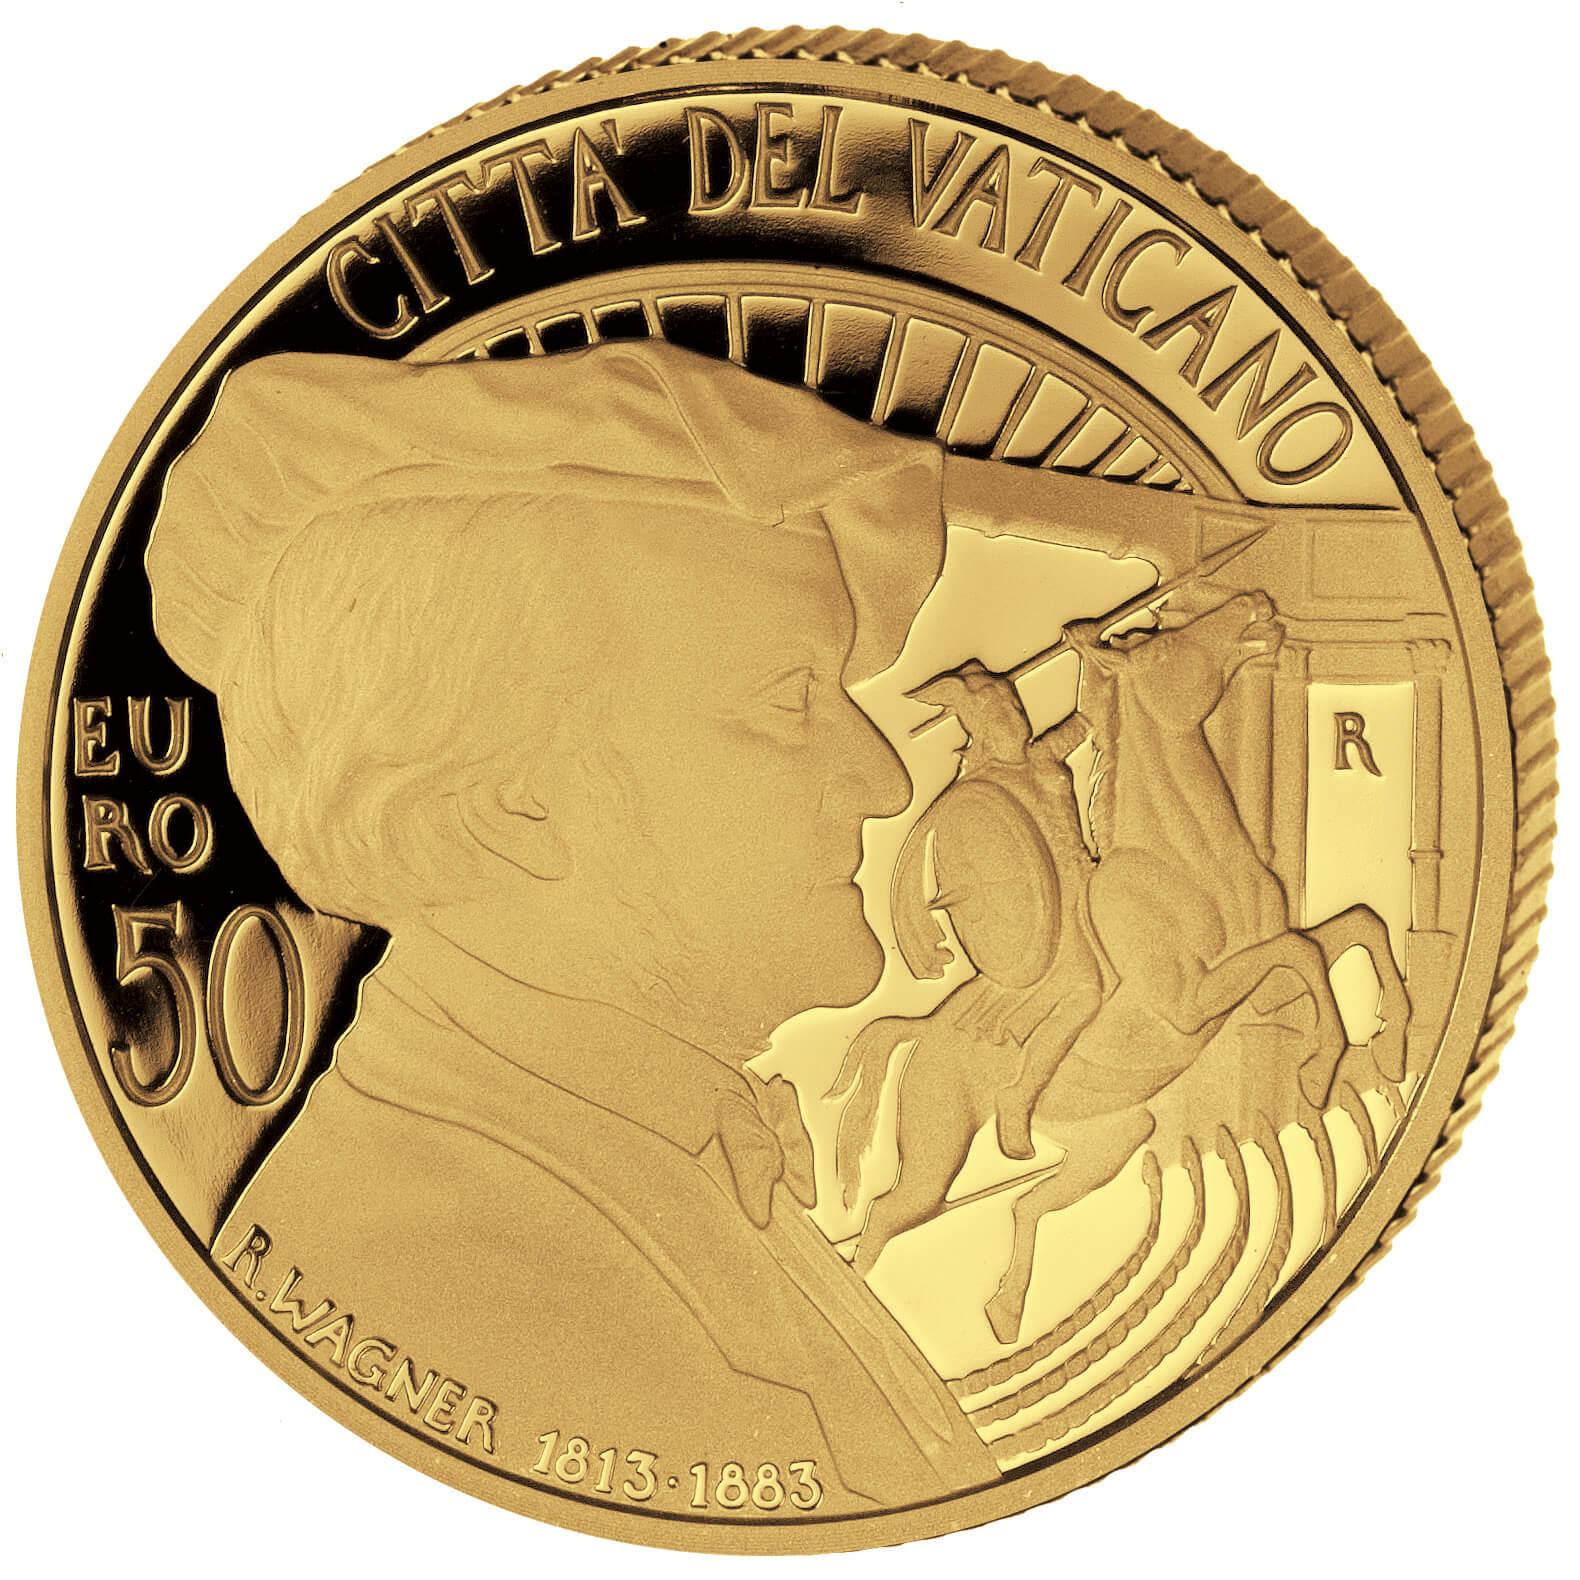 VA 50 Euro 2013 R